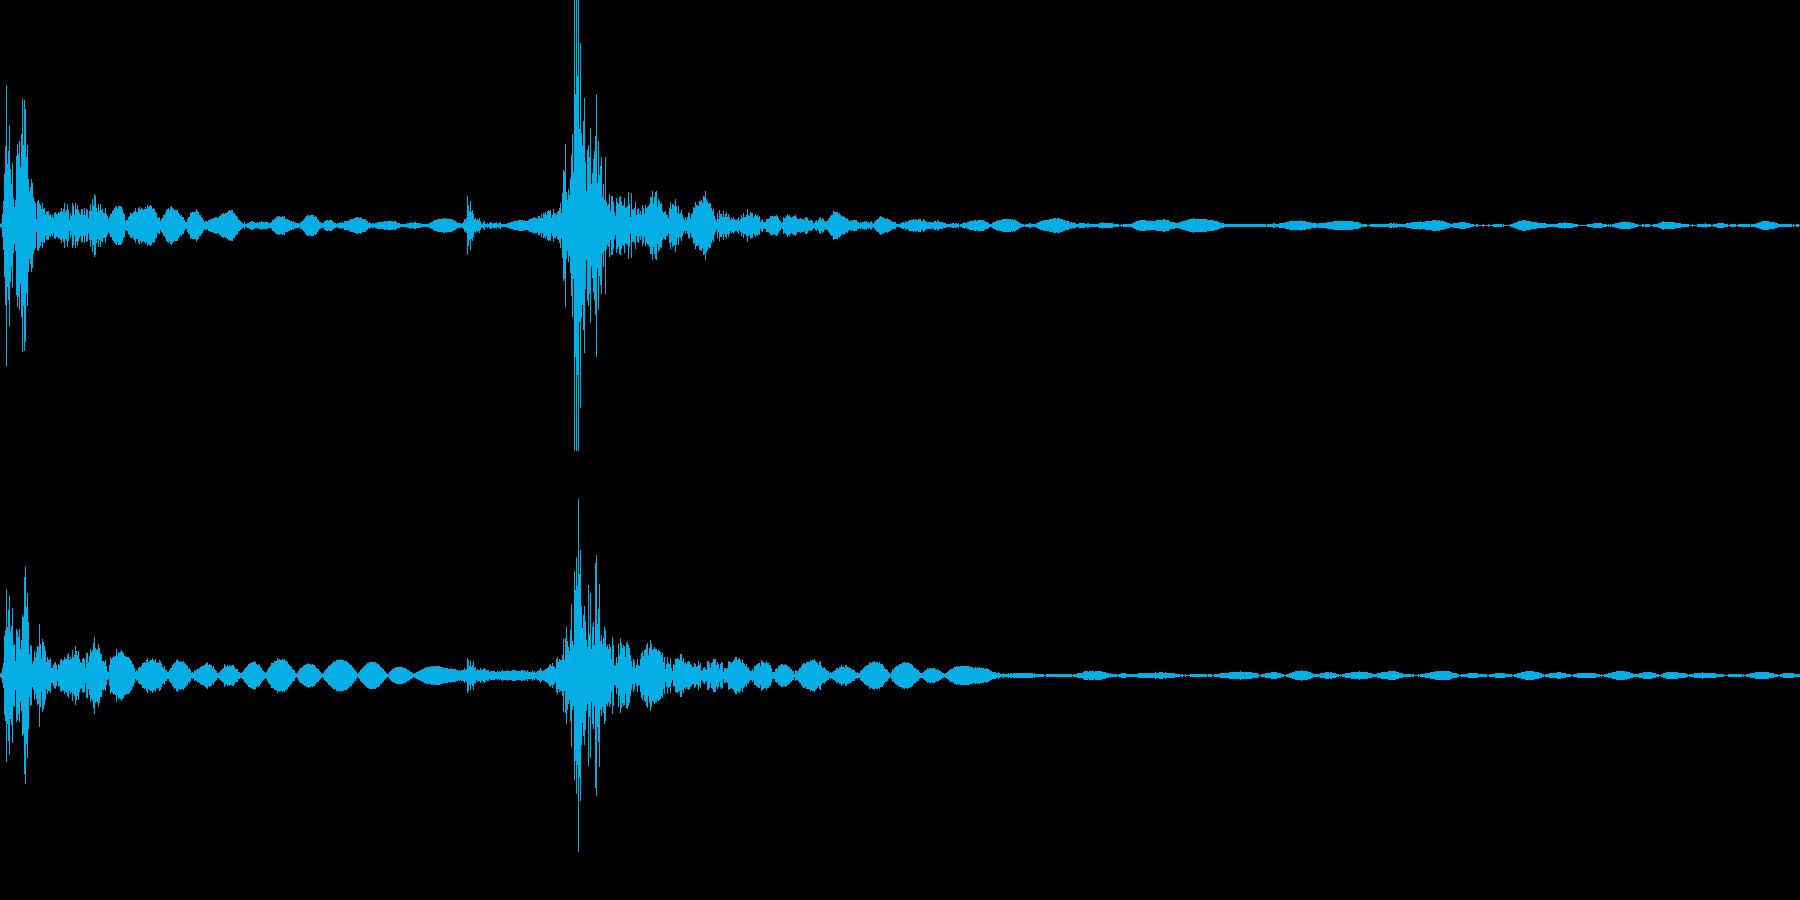 カチャ!キーボード,ボタンを押す効果音1の再生済みの波形